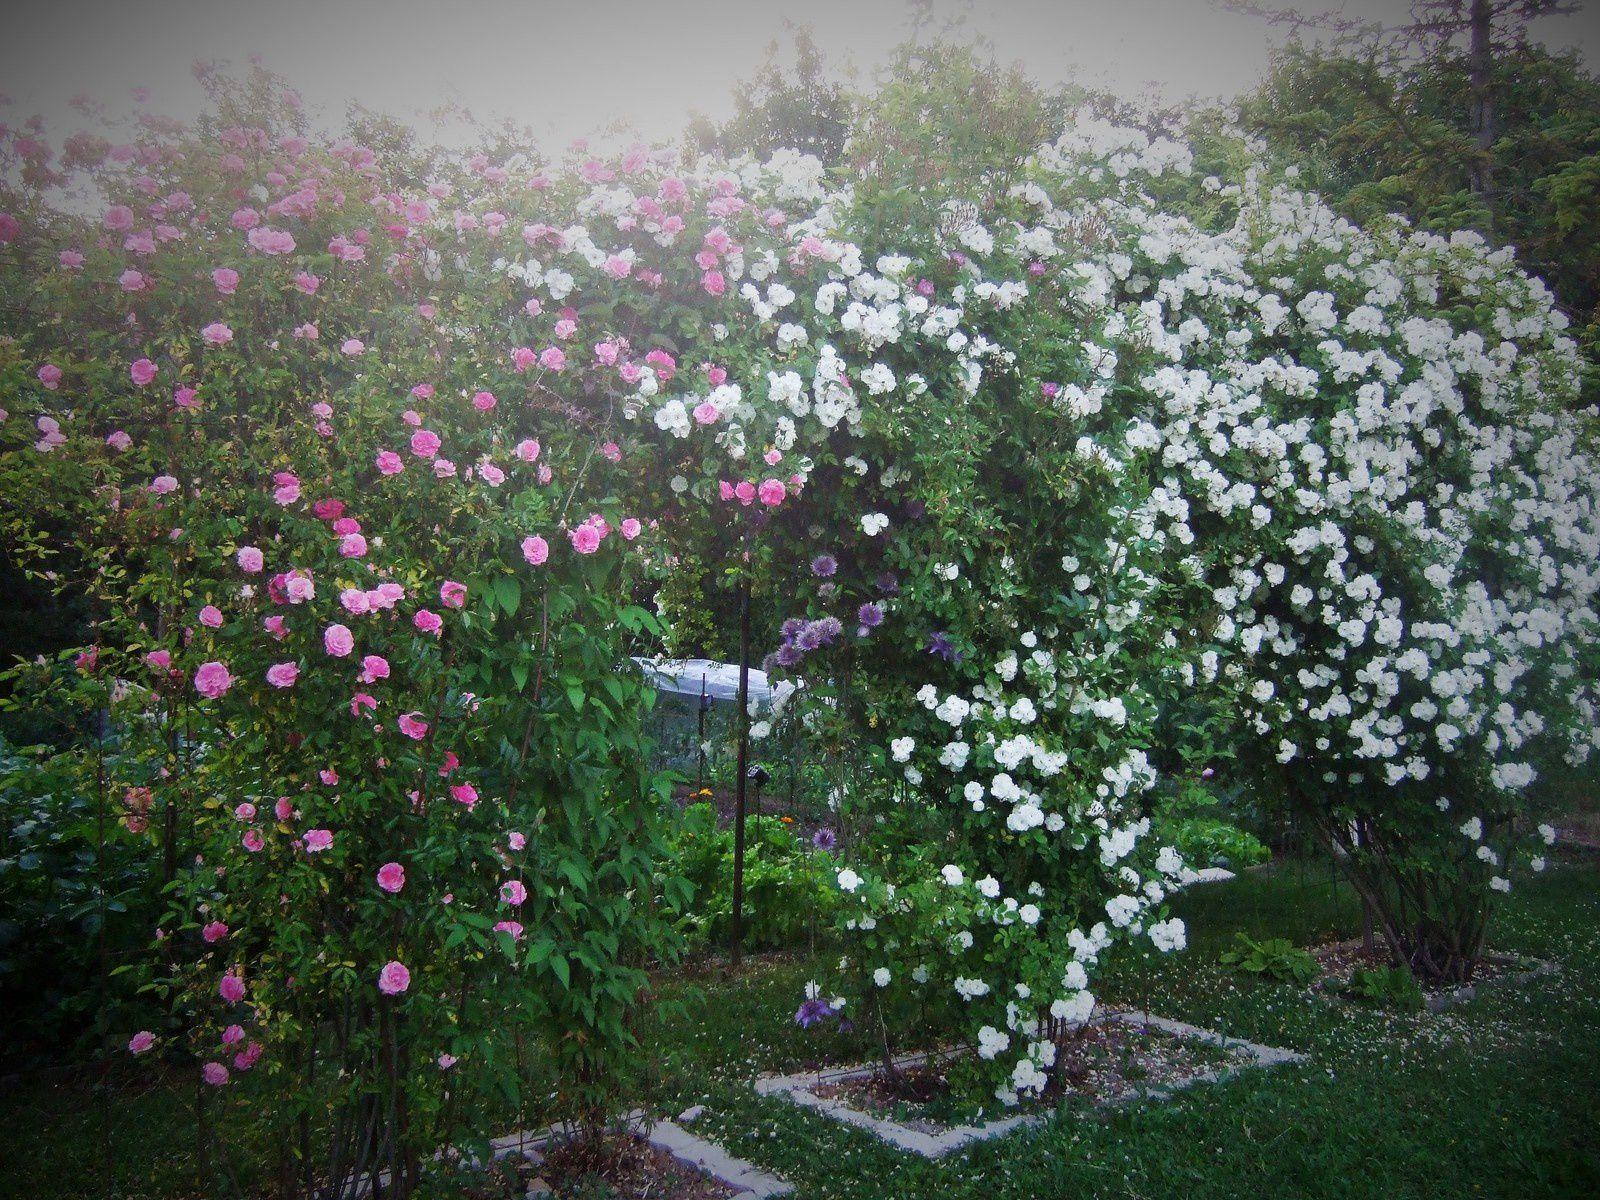 Les rosiers grimpants du jardin ....